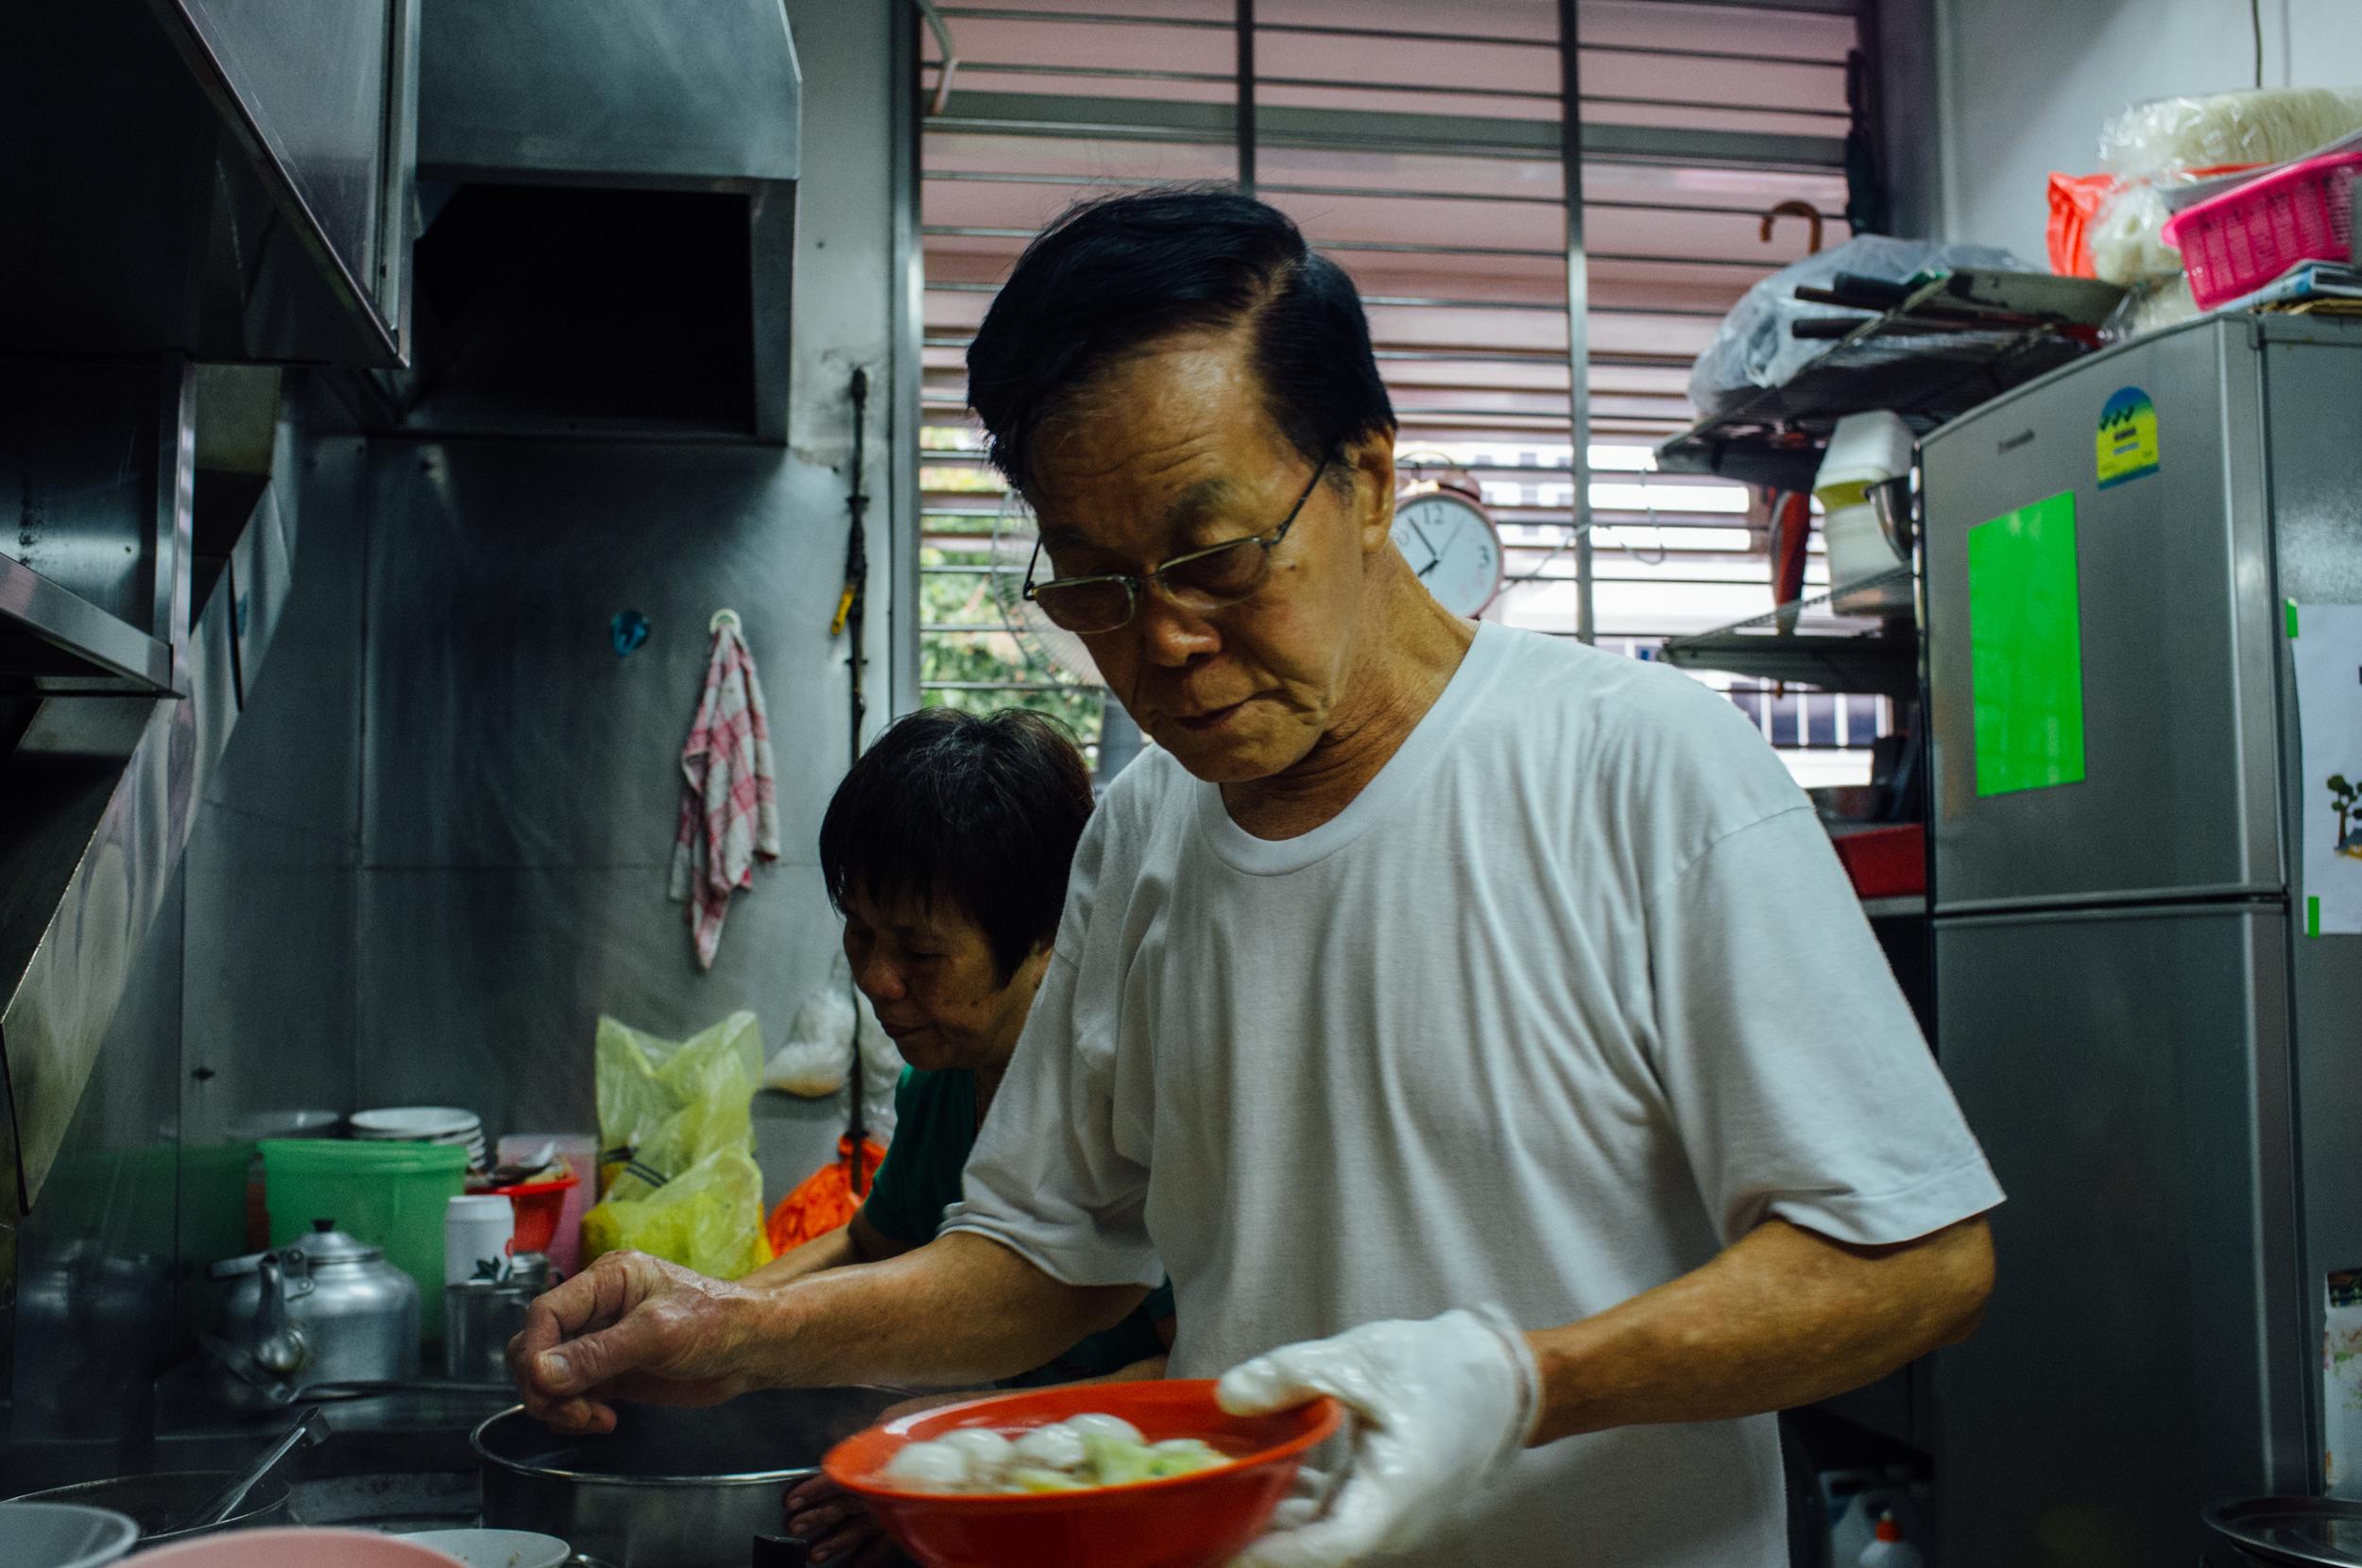 Prem's favorite fish ball noodles uncle, Tiong Bahru Food Centre